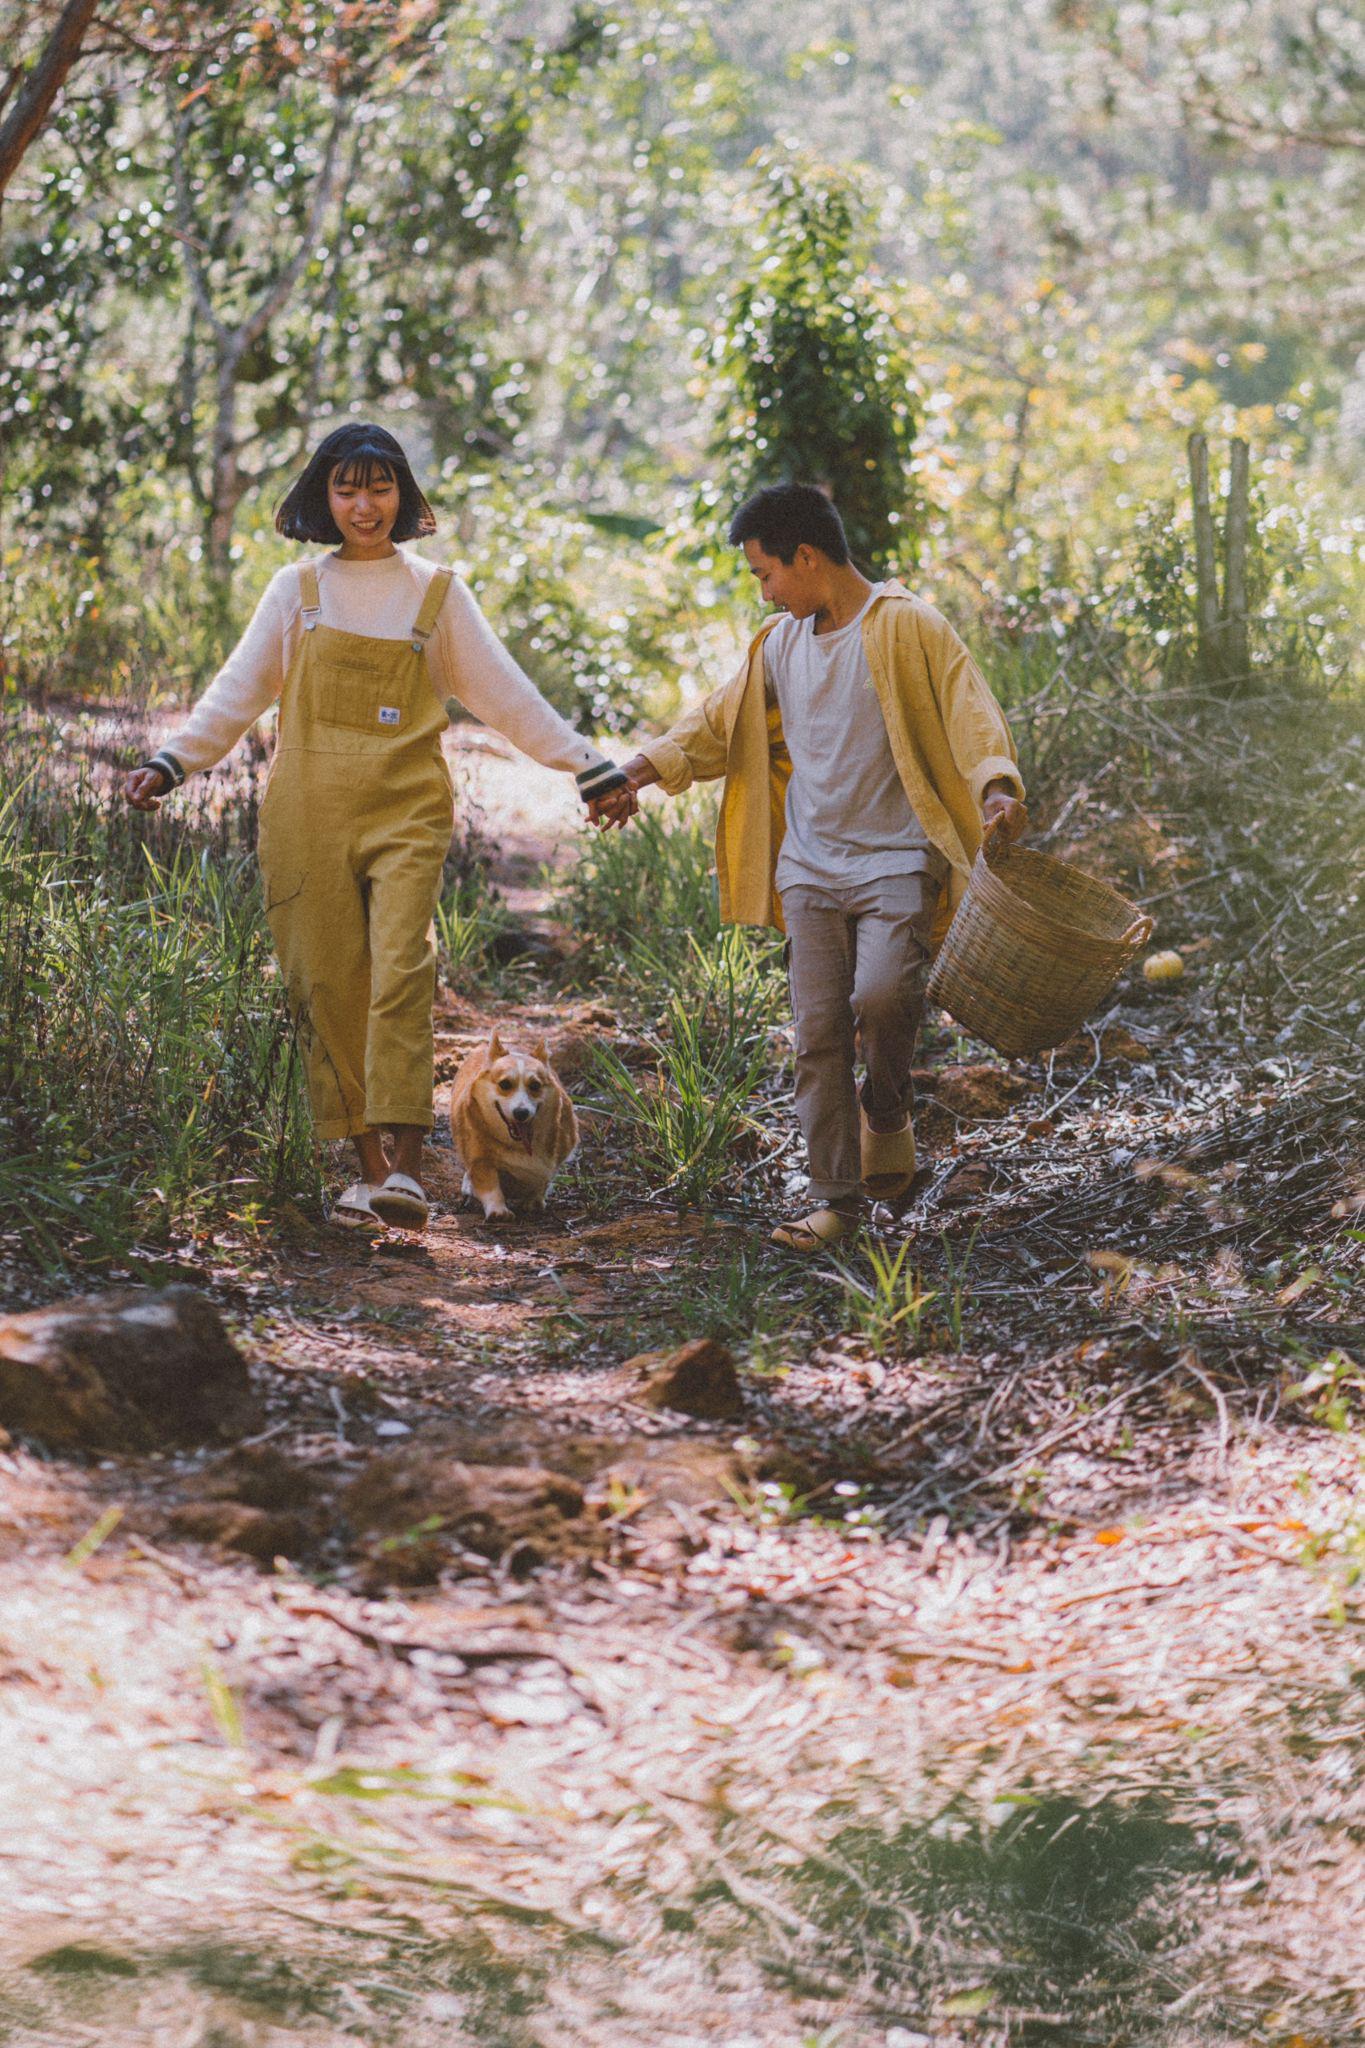 Giấc mơ về Đà Lạt của cặp đôi 9x và khu vườn cún bên bờ suối mộng mơ - Ảnh 7.